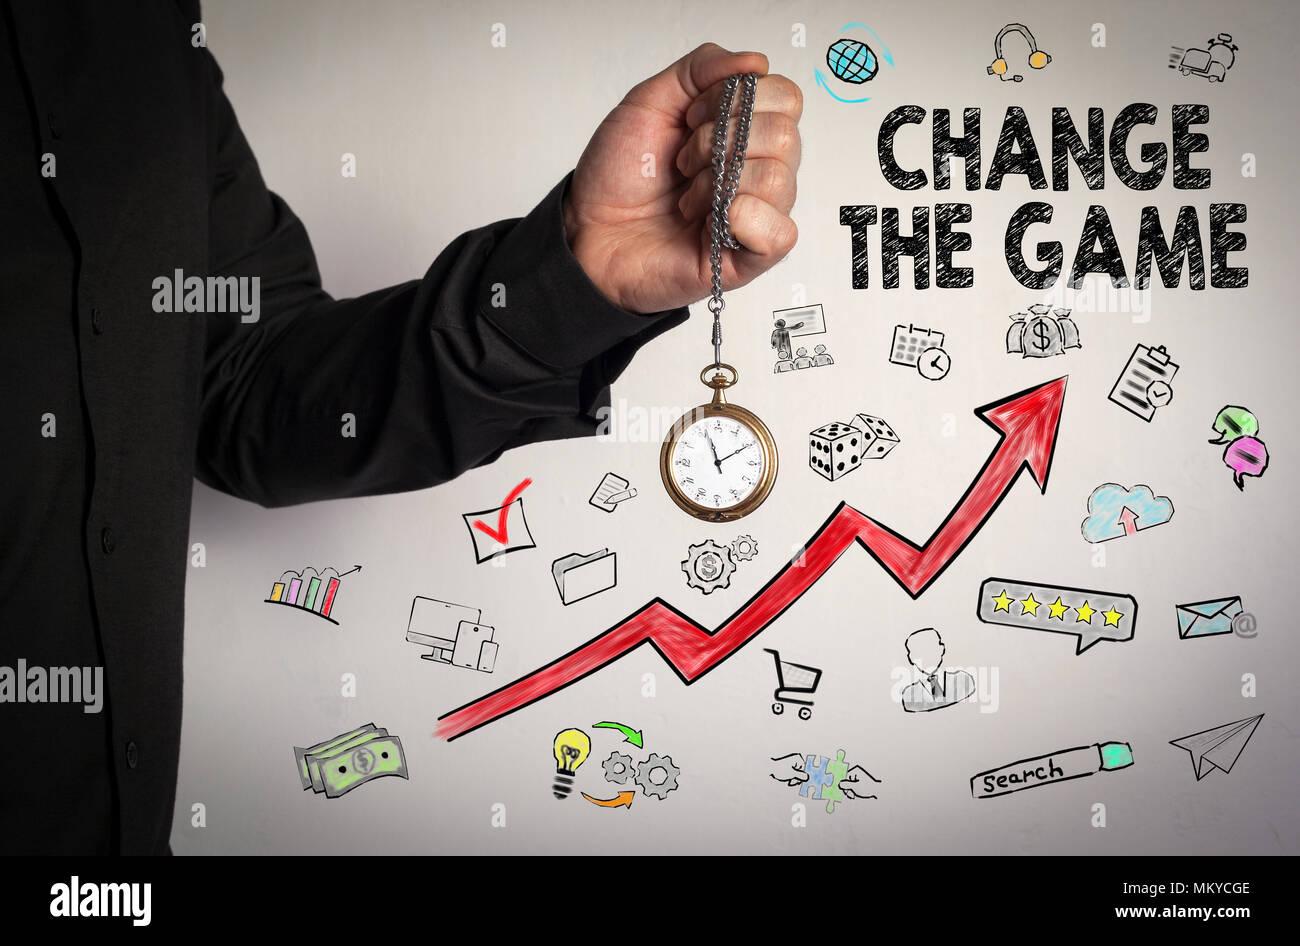 Cambiar el juego. Concepto de negocio Imagen De Stock